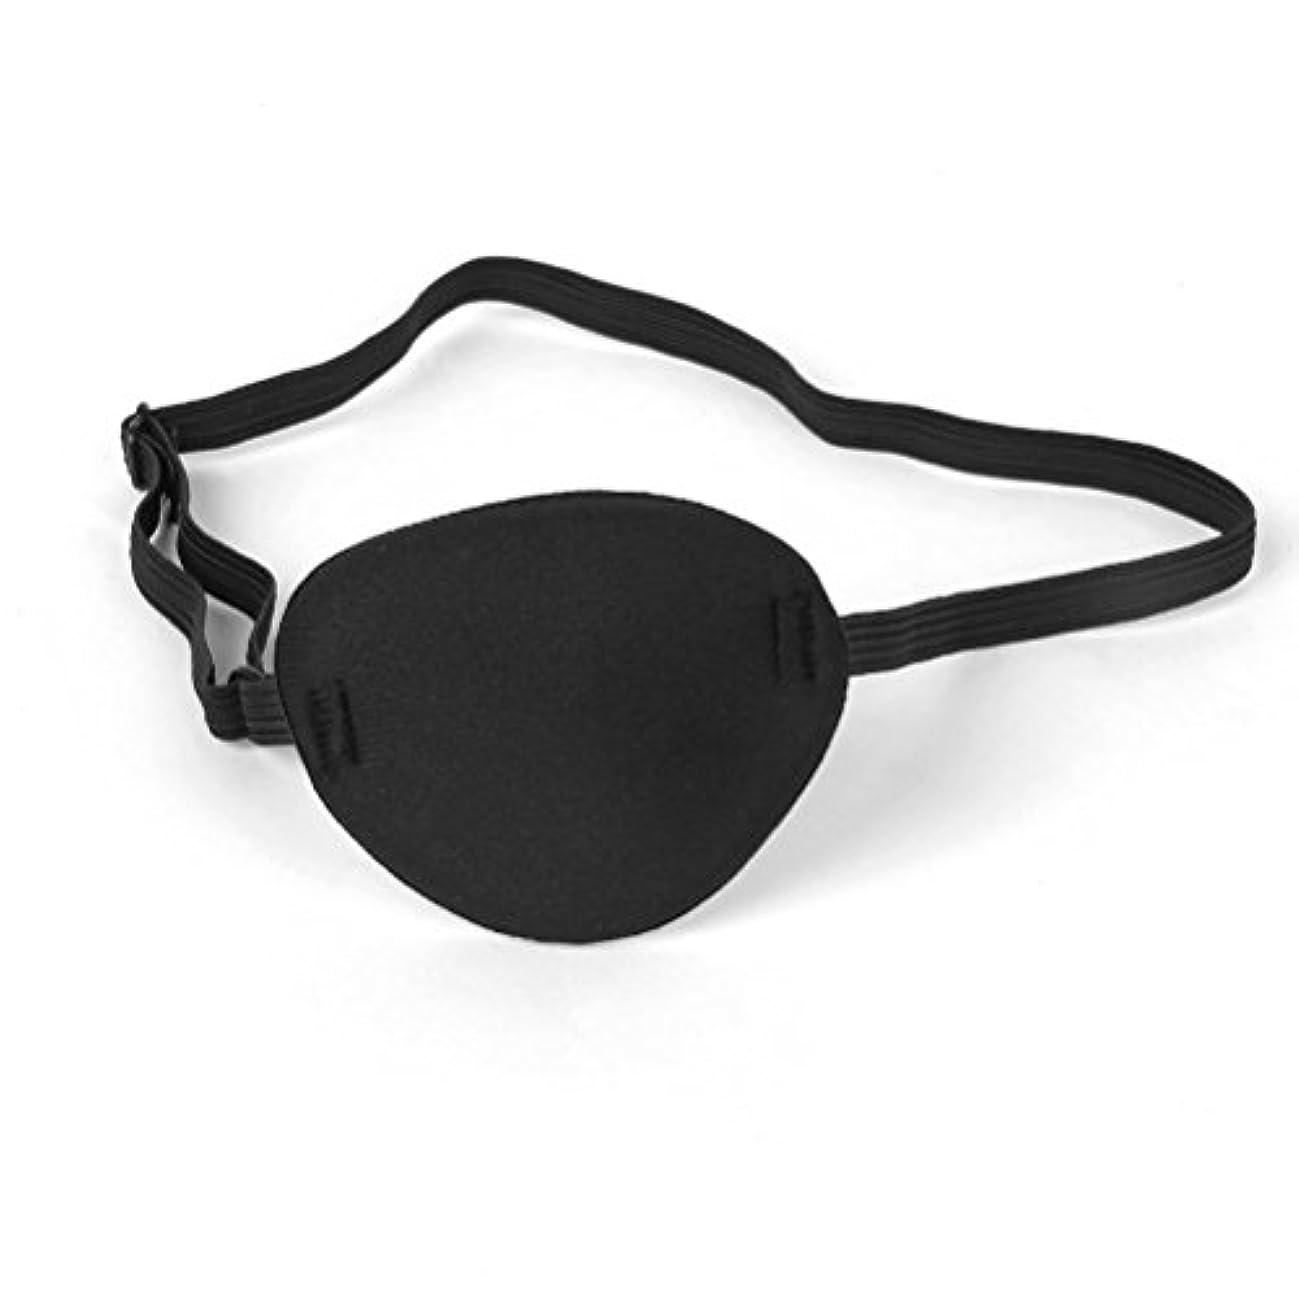 司令官思いやり尊敬するHealifty パイレーツスカルクロスボーンキッズアイパッチアイマスクfor Lazy Eye(Black)